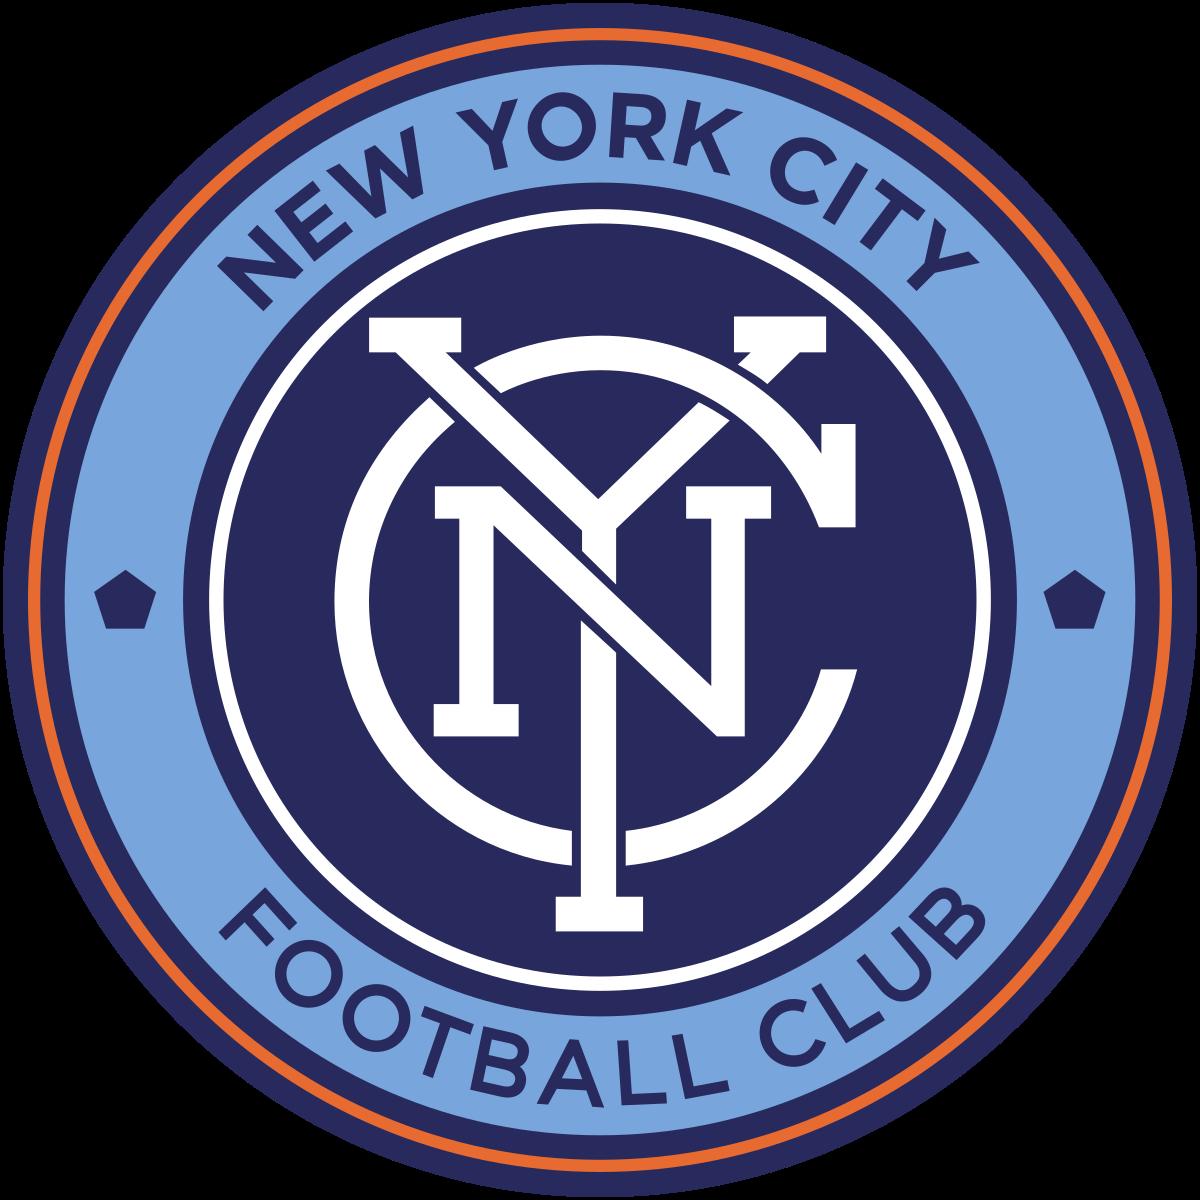 d29304c0f New York City FC - Wikipedia